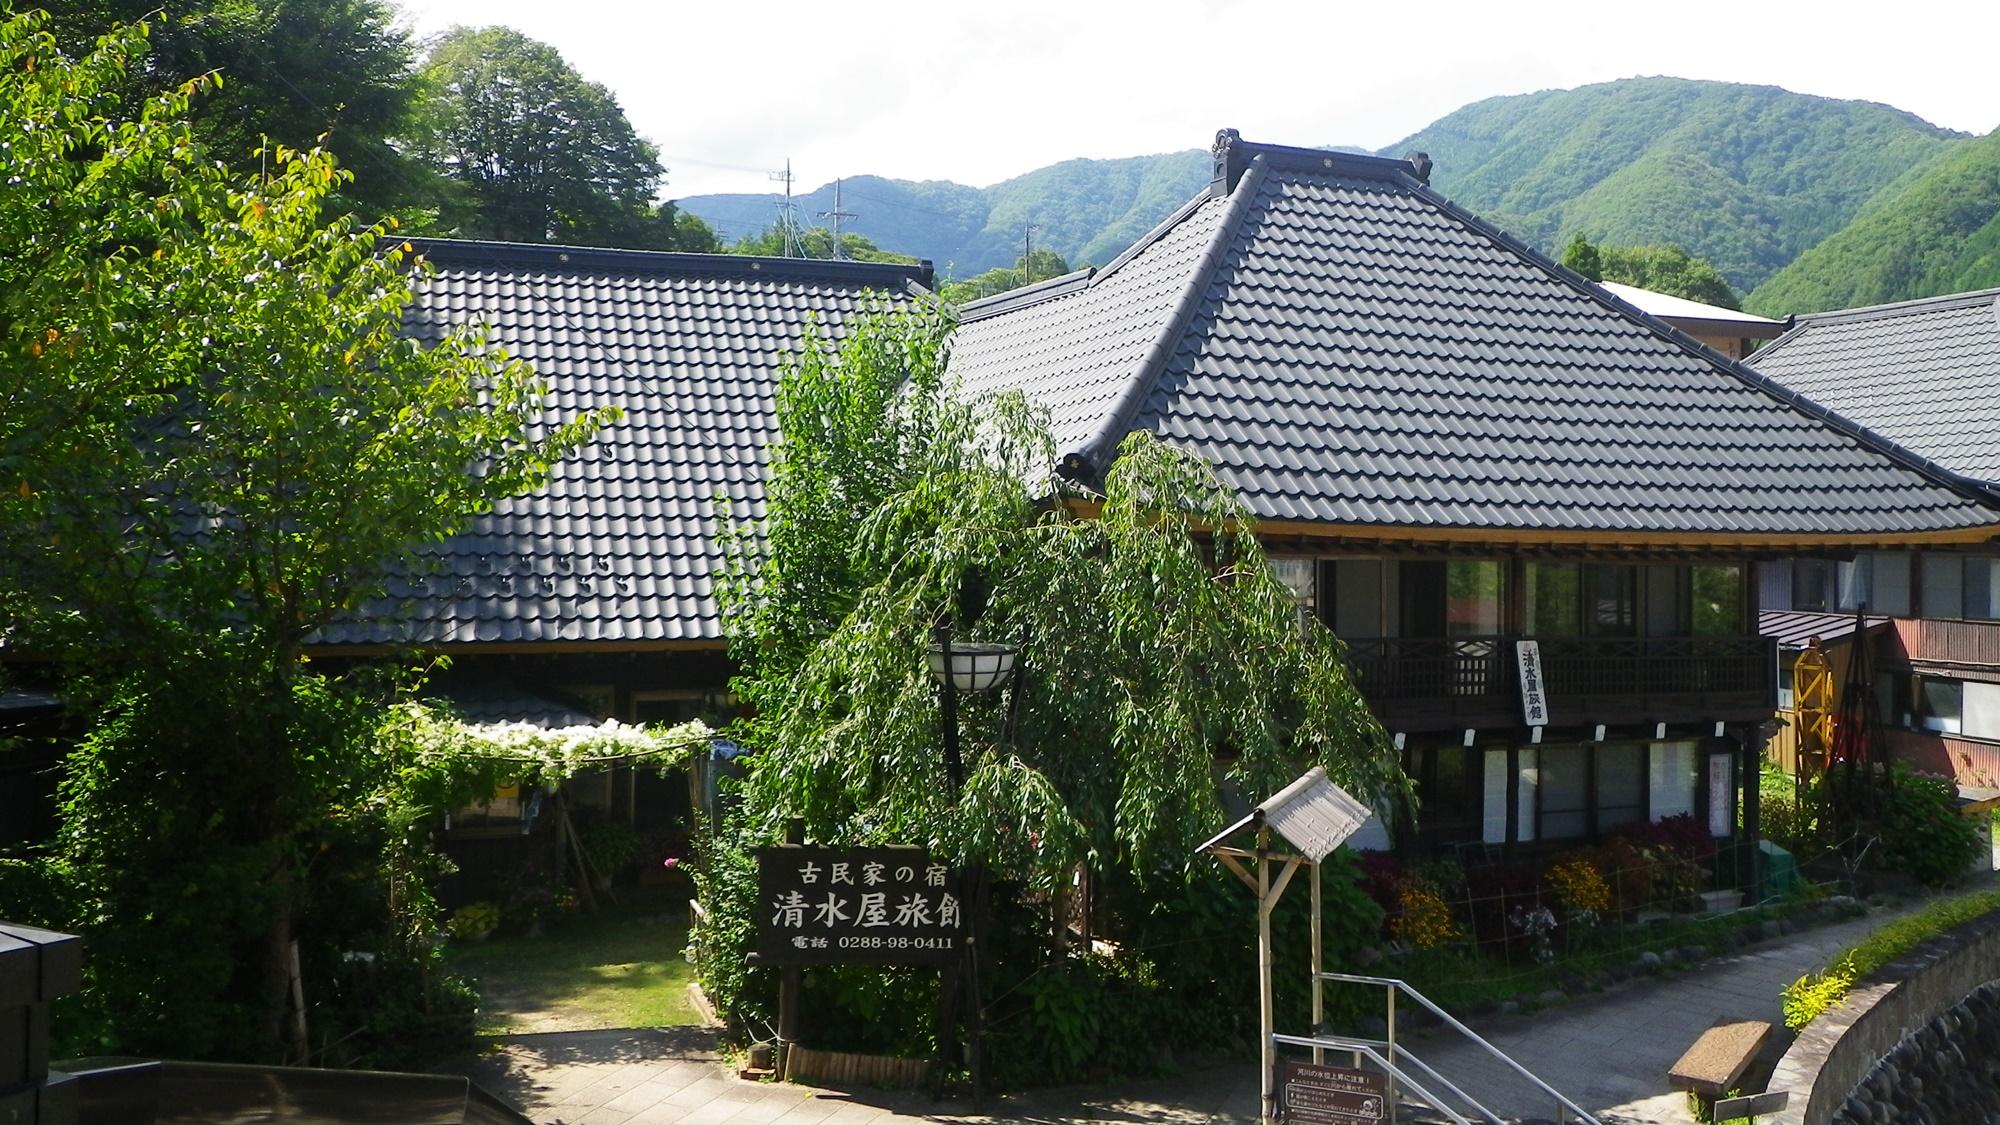 清水屋 旅館◆楽天トラベル